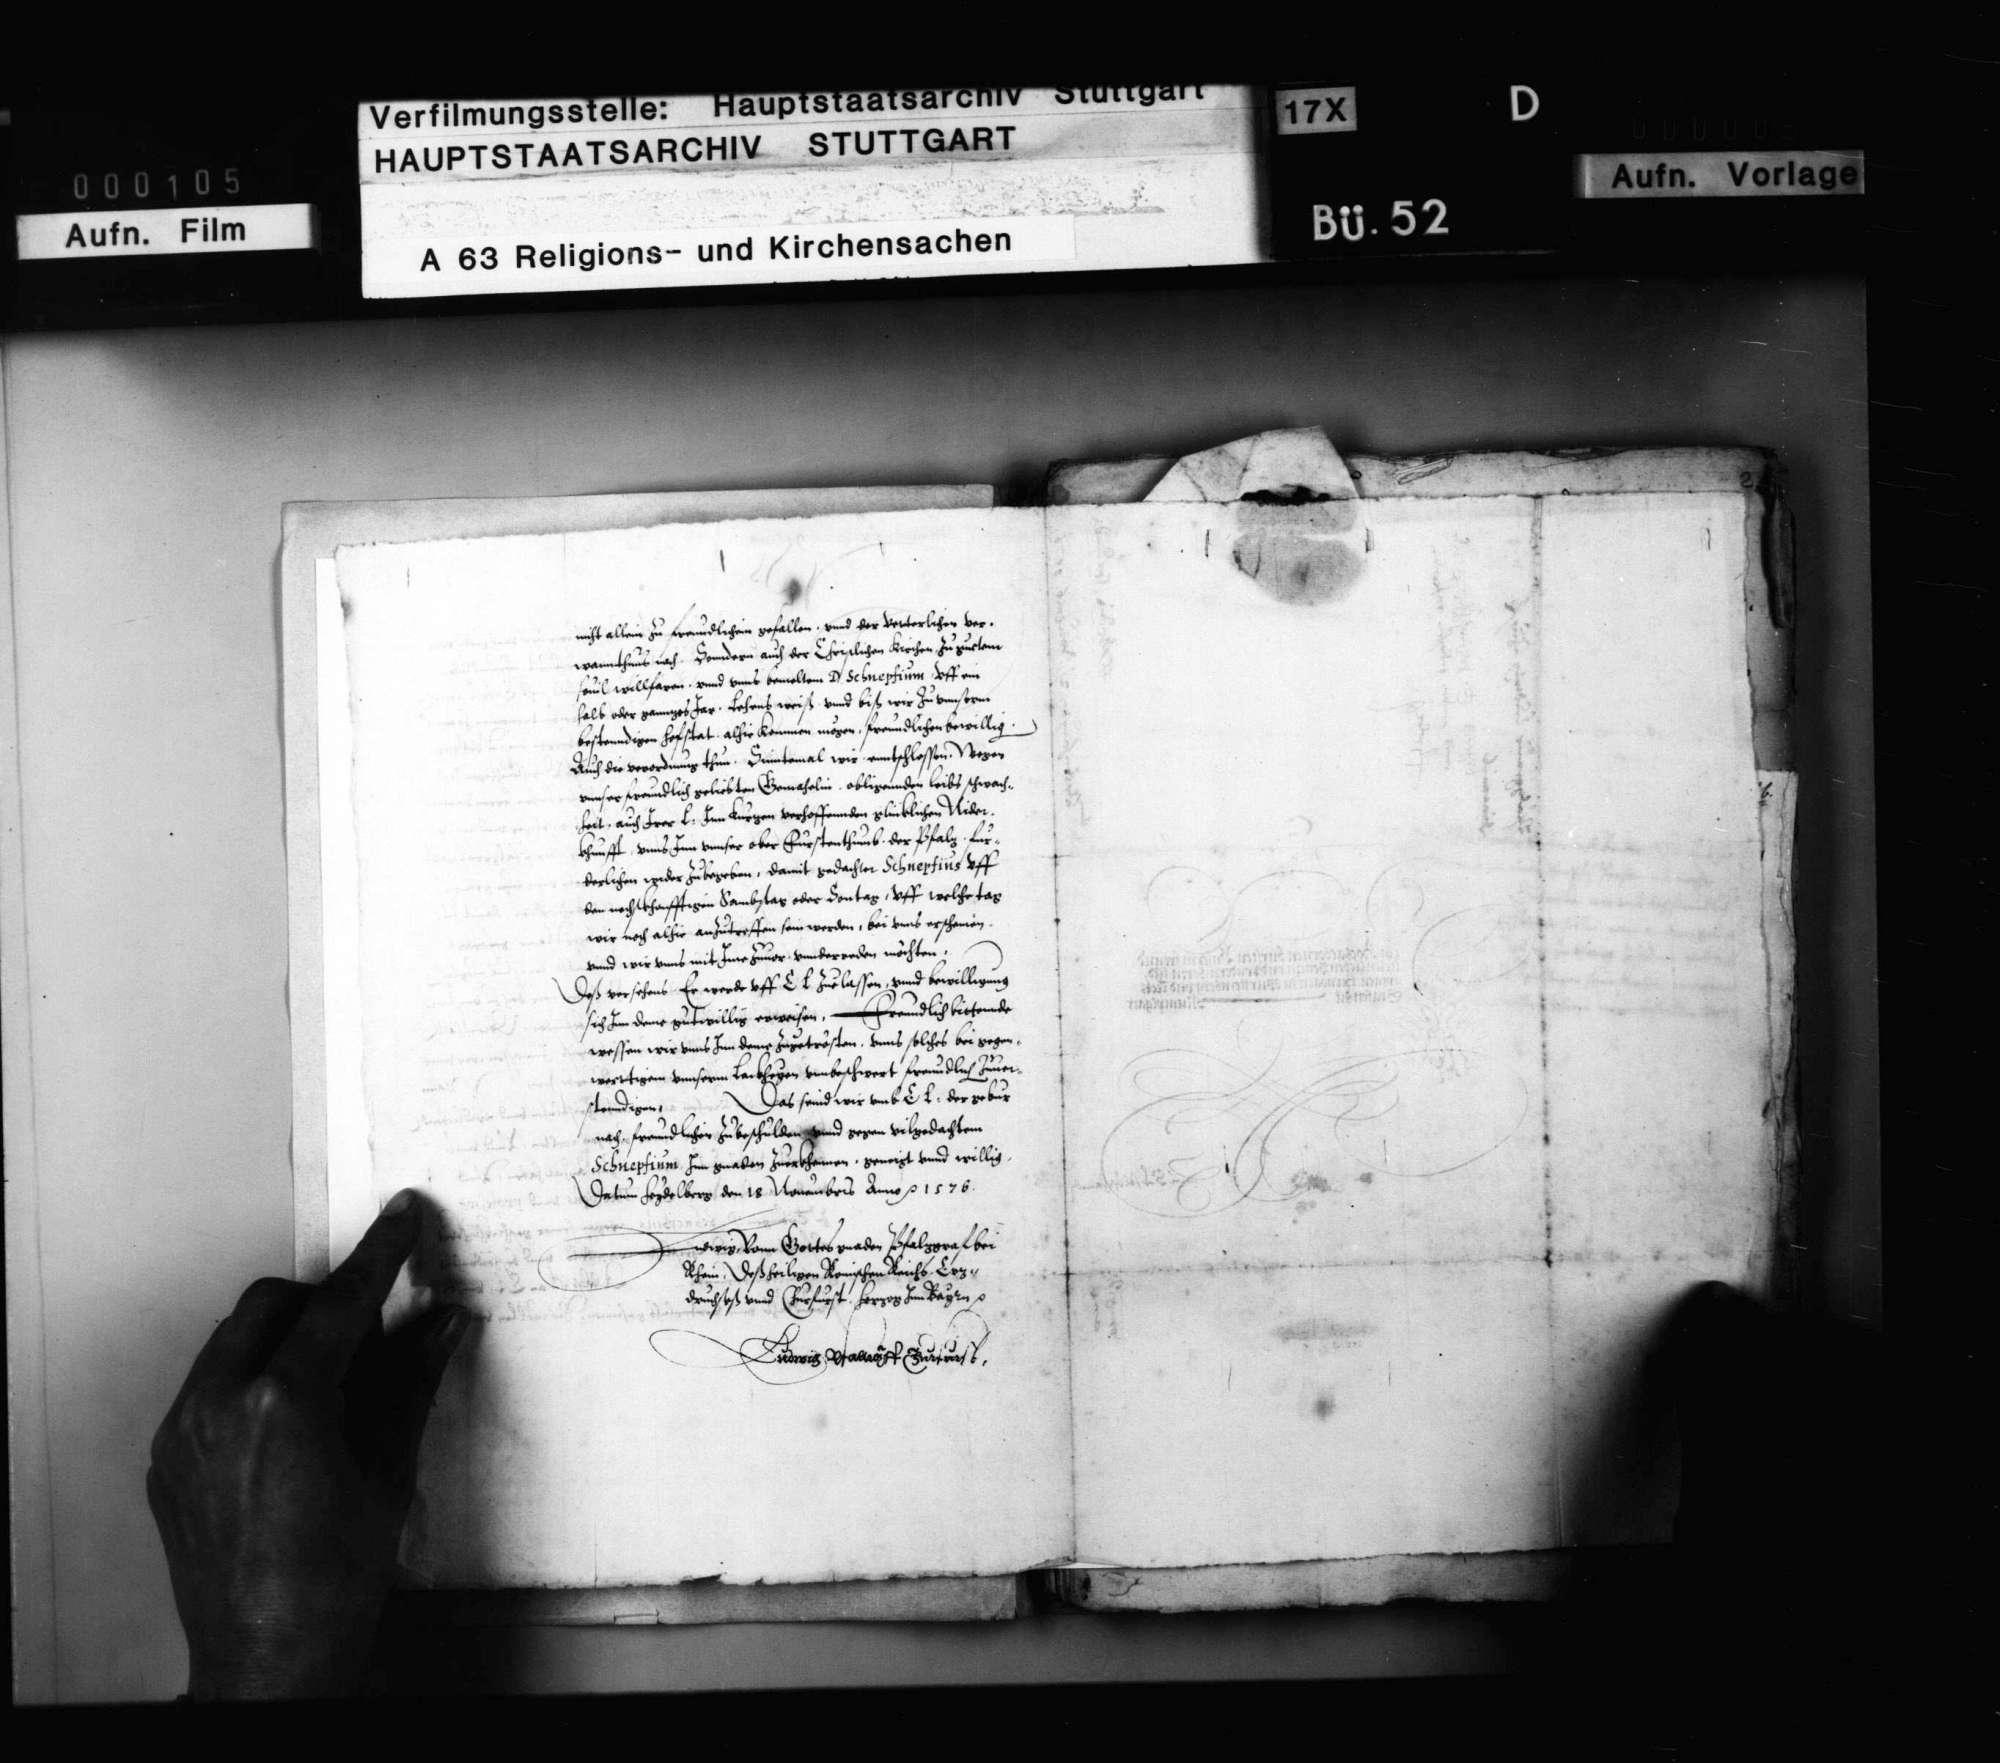 Schriften, betreffend die Überlassung württembergischer Theologen an Kurfürst Ludwig zur Beseitigung des Calvanismus in der Pfalz mit ausführlichem Bericht B. Bidembachs., Bild 3